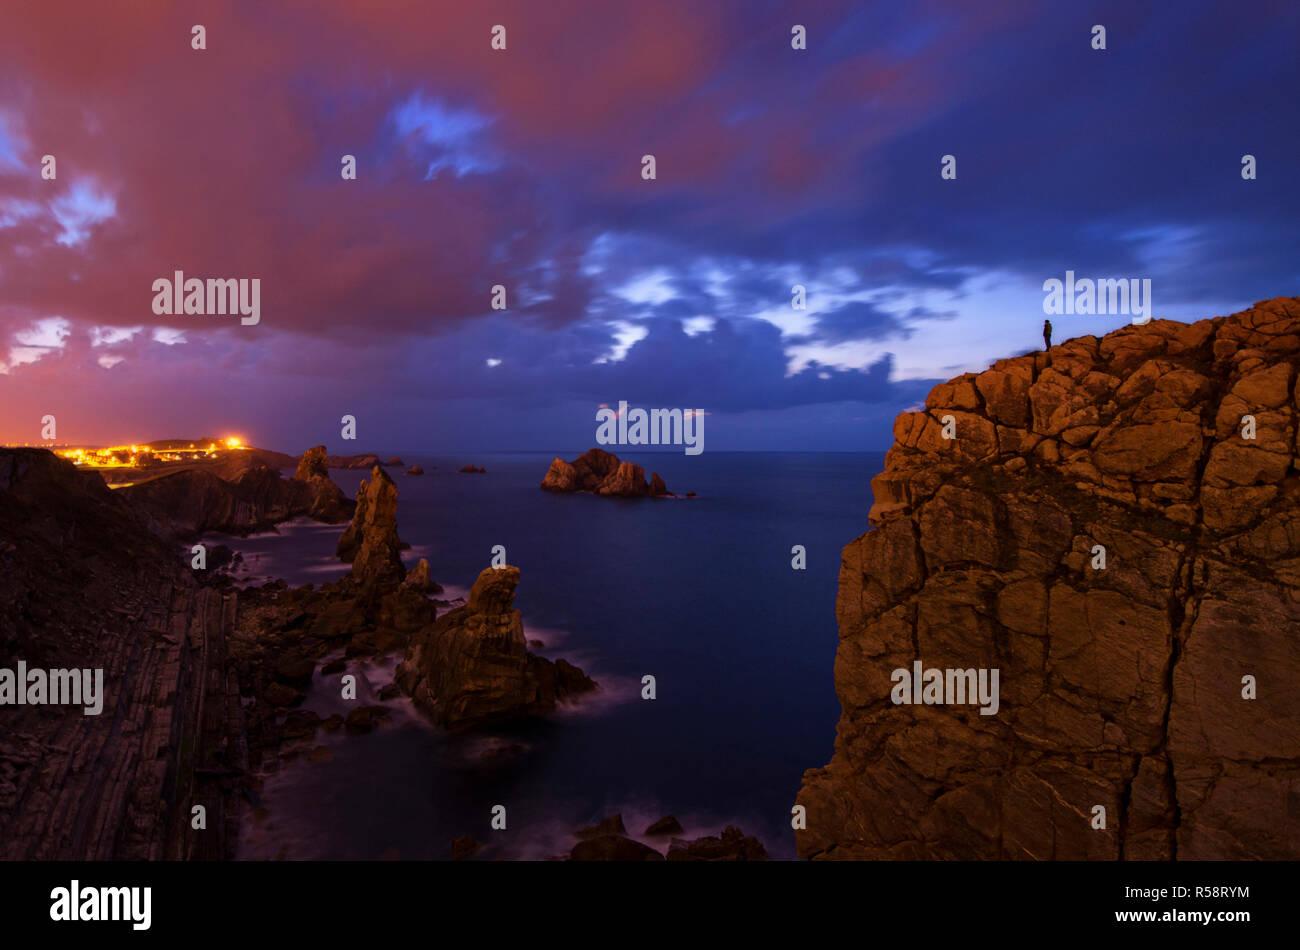 La pollution lumineuse et heure bleue sur la côte Atlantique, le Costa Quebrada, Pays Basque, Espagne Banque D'Images